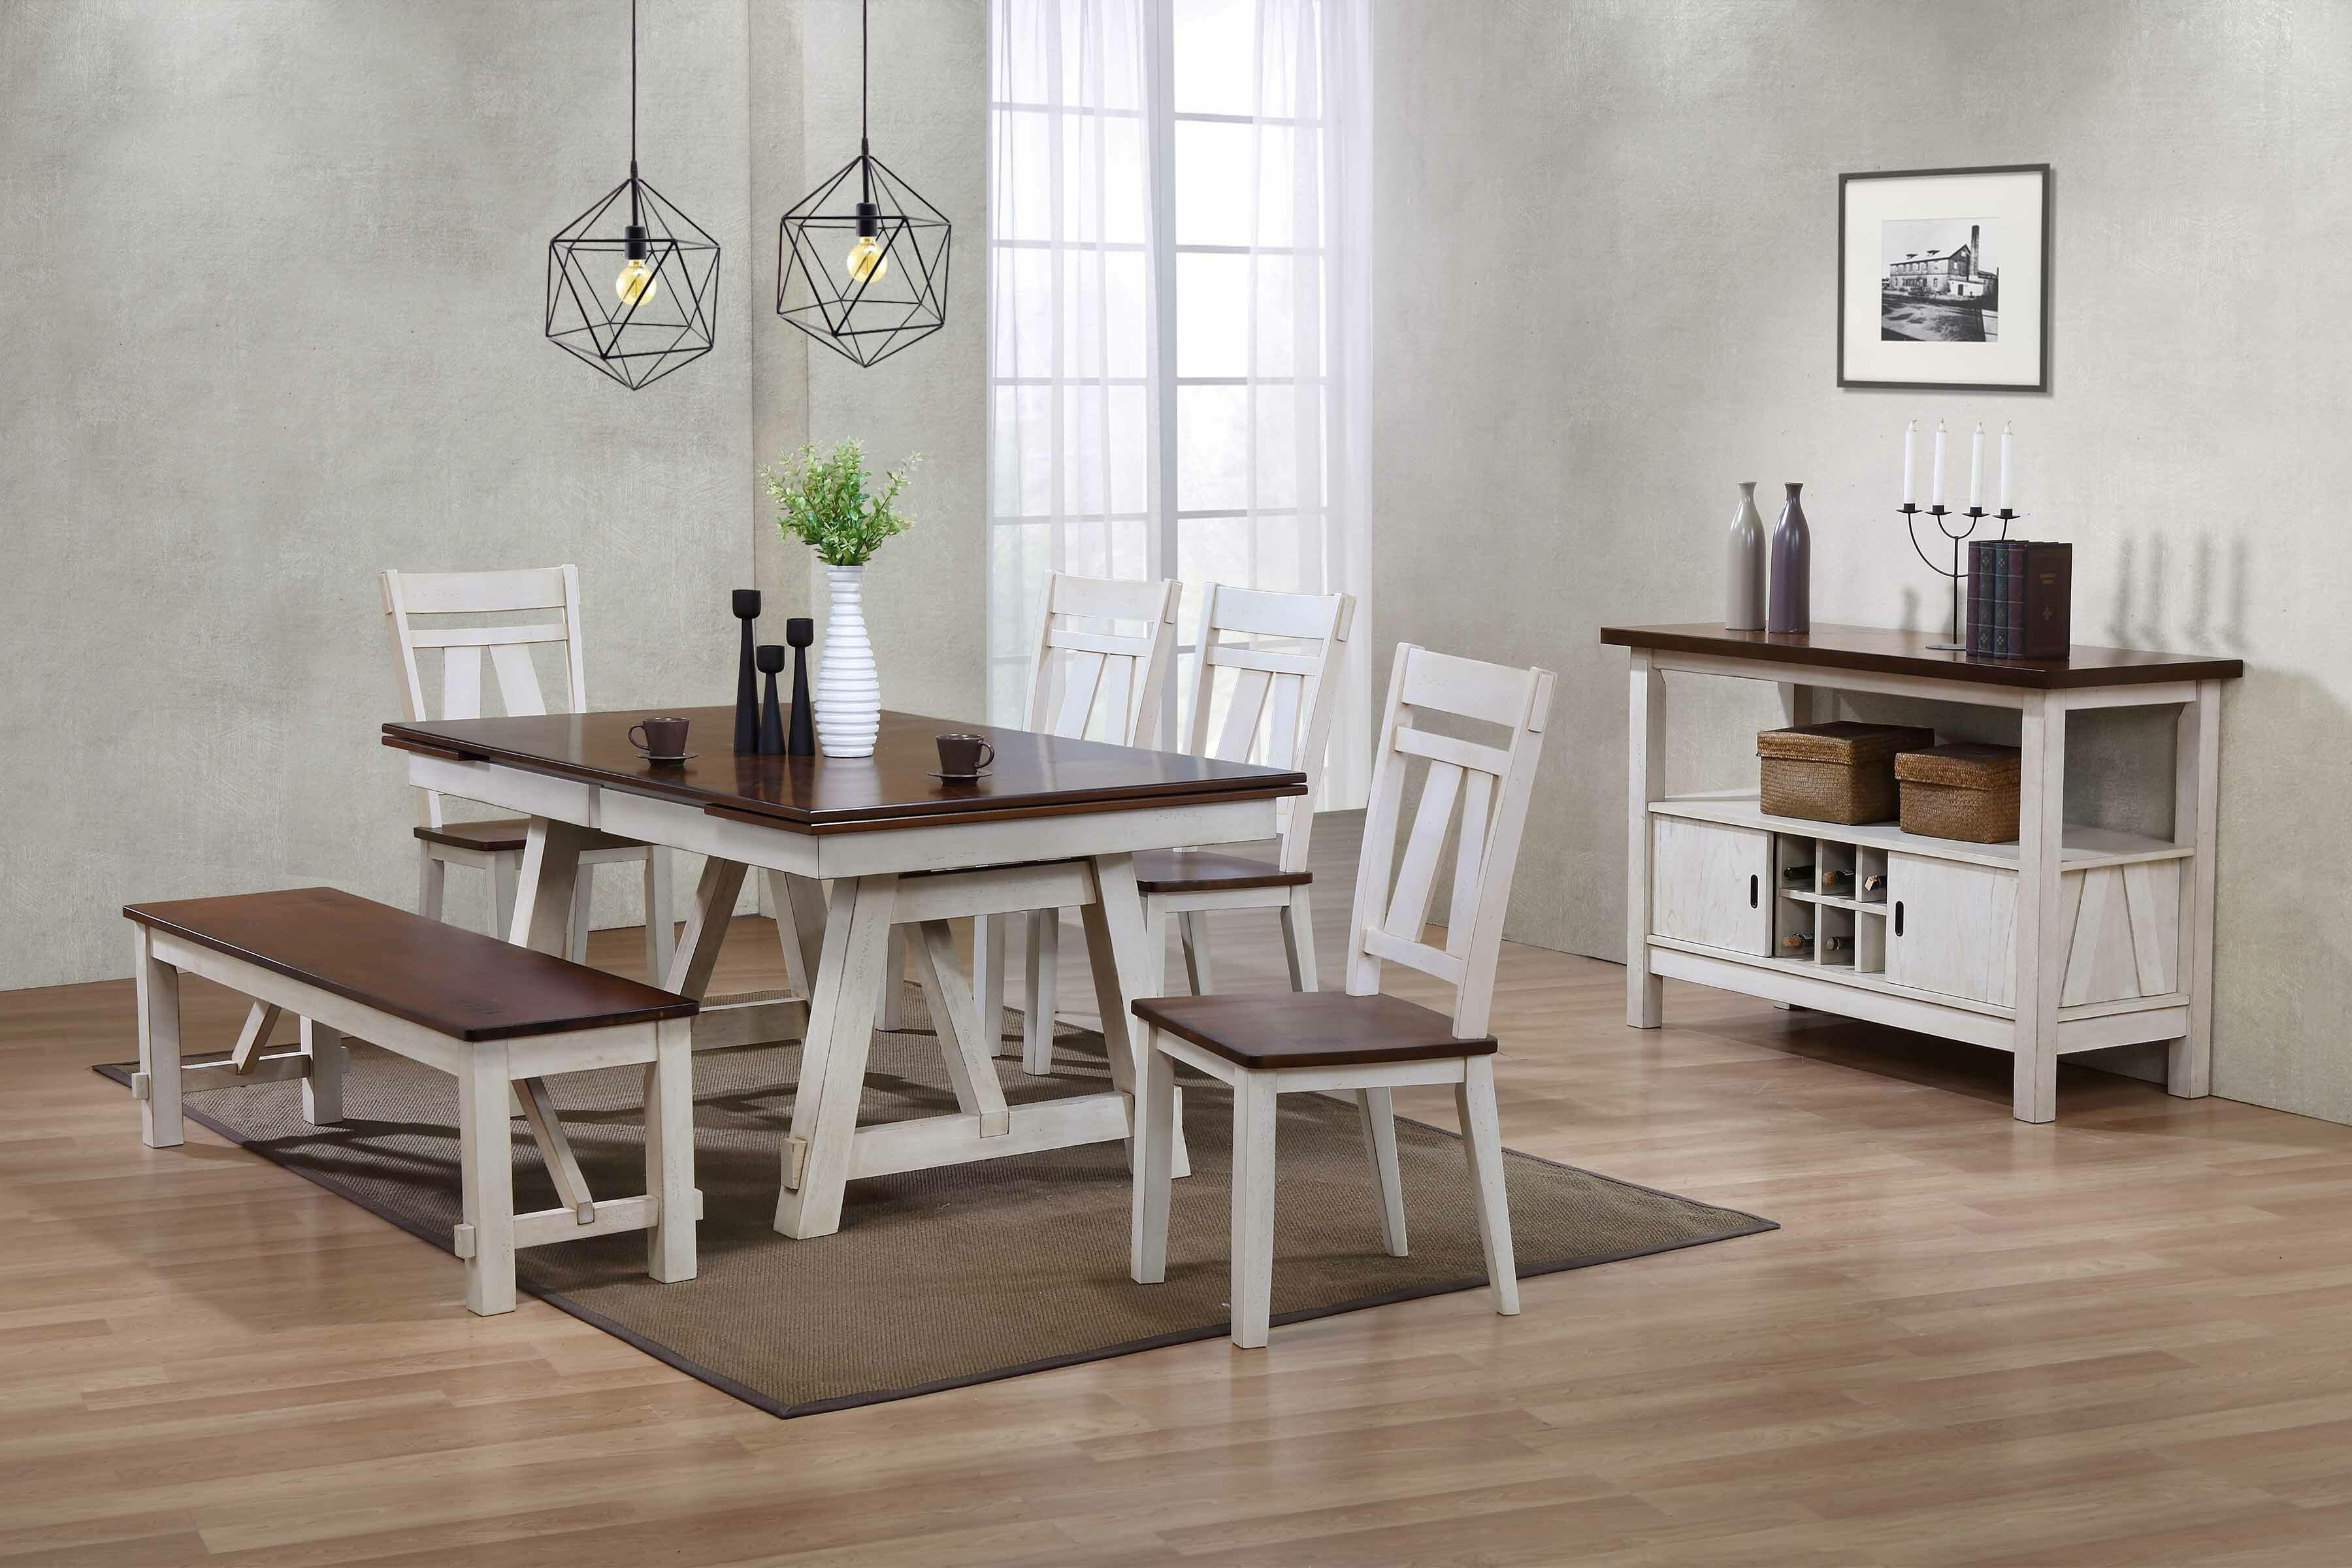 Charmant August Grove Keturah Farmhouse Dining Table U0026 Reviews | Wayfair